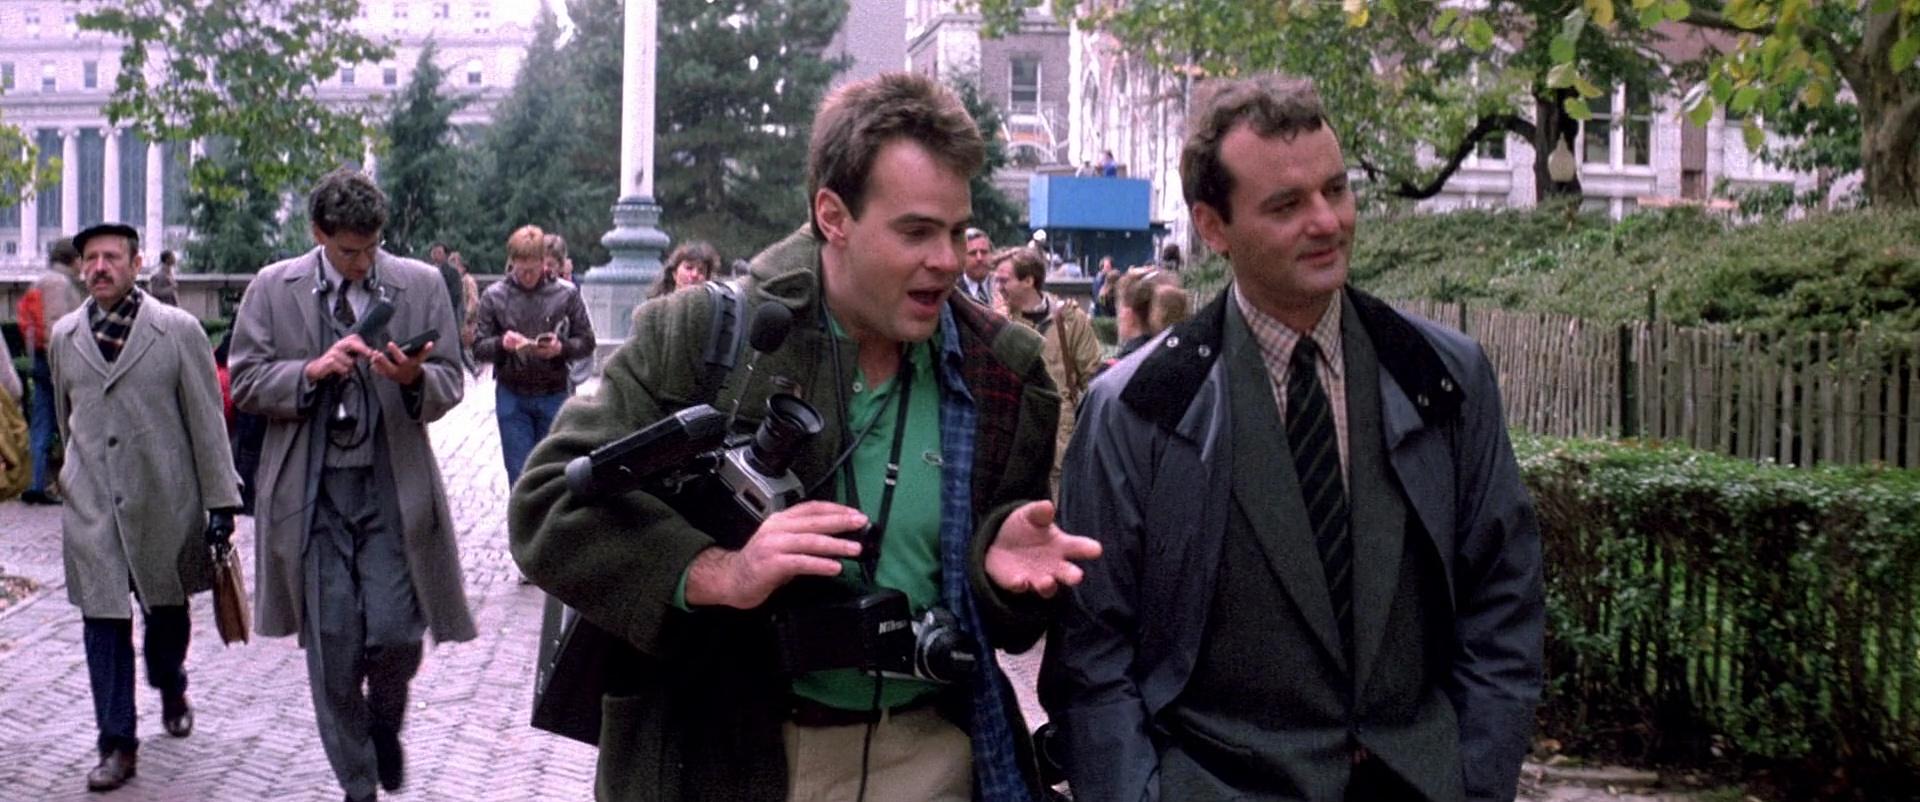 Nikon Cameras Used By Dan Aykroyd In Ghostbusters 1984 Movie